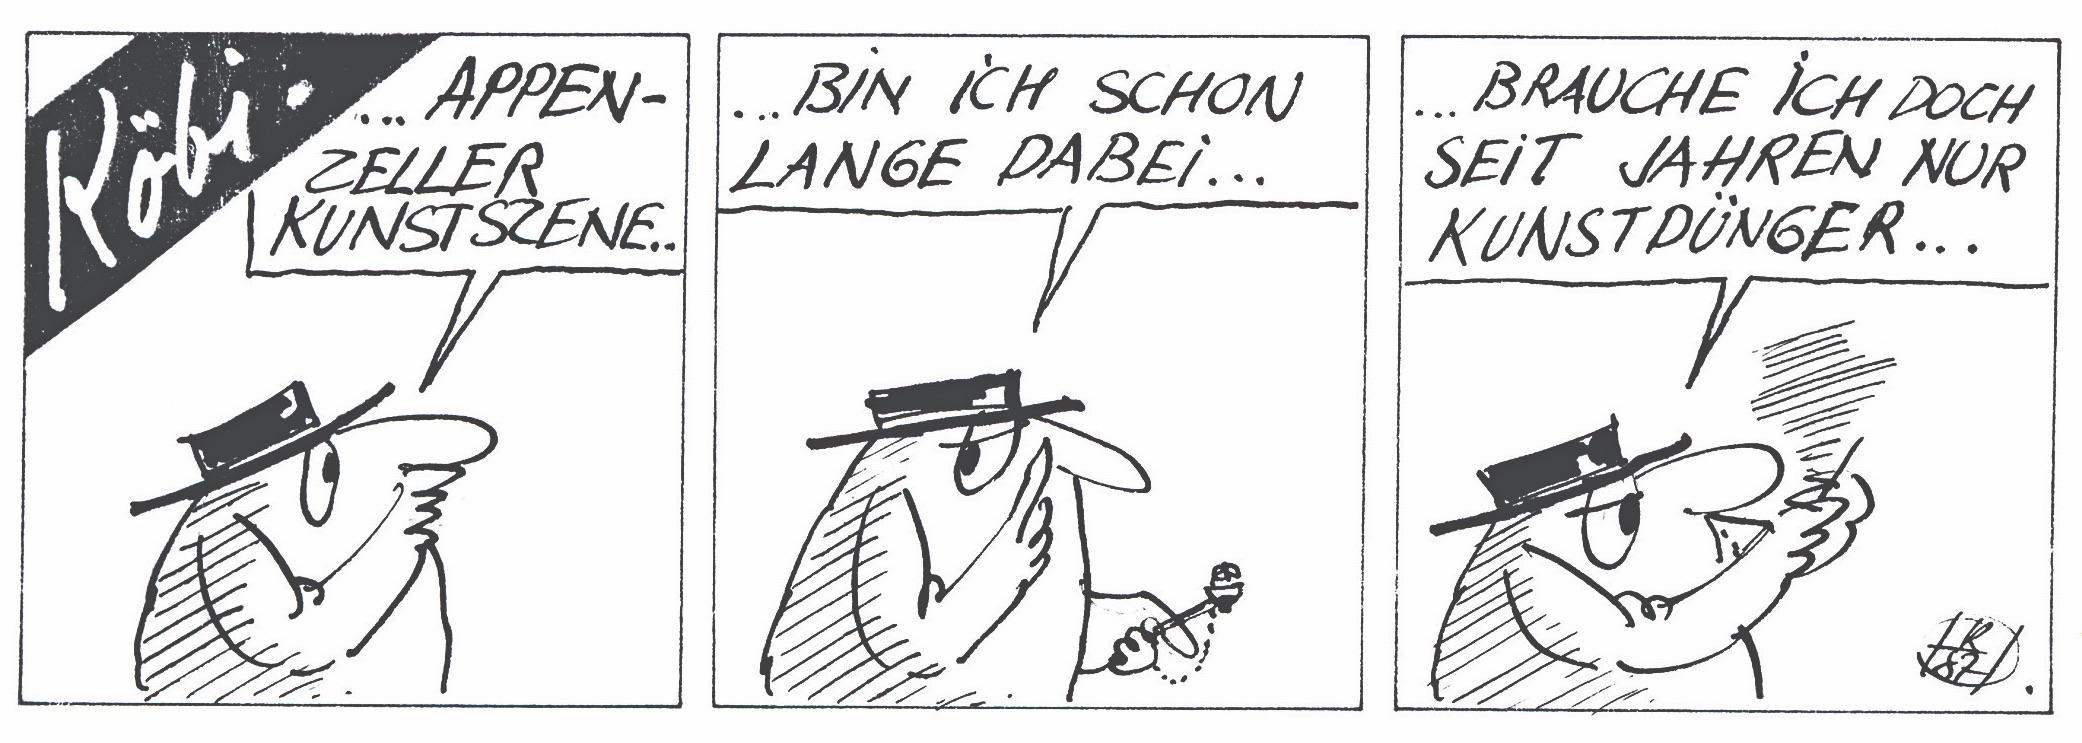 aa_bild_rekade-hansjoerg_koebi